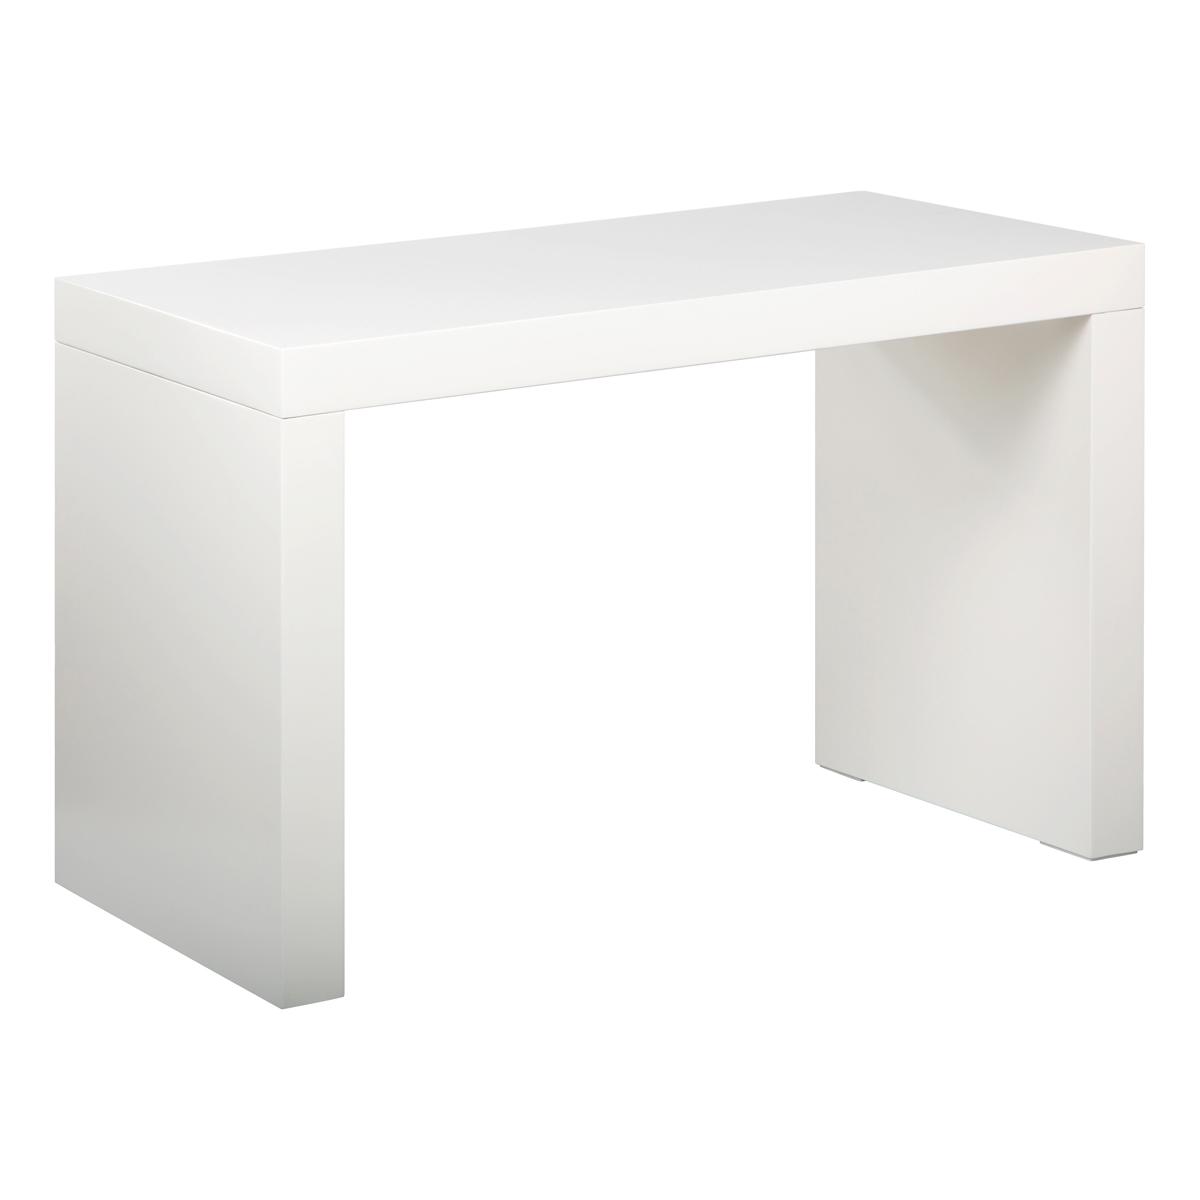 Sitztisch Blanco 120